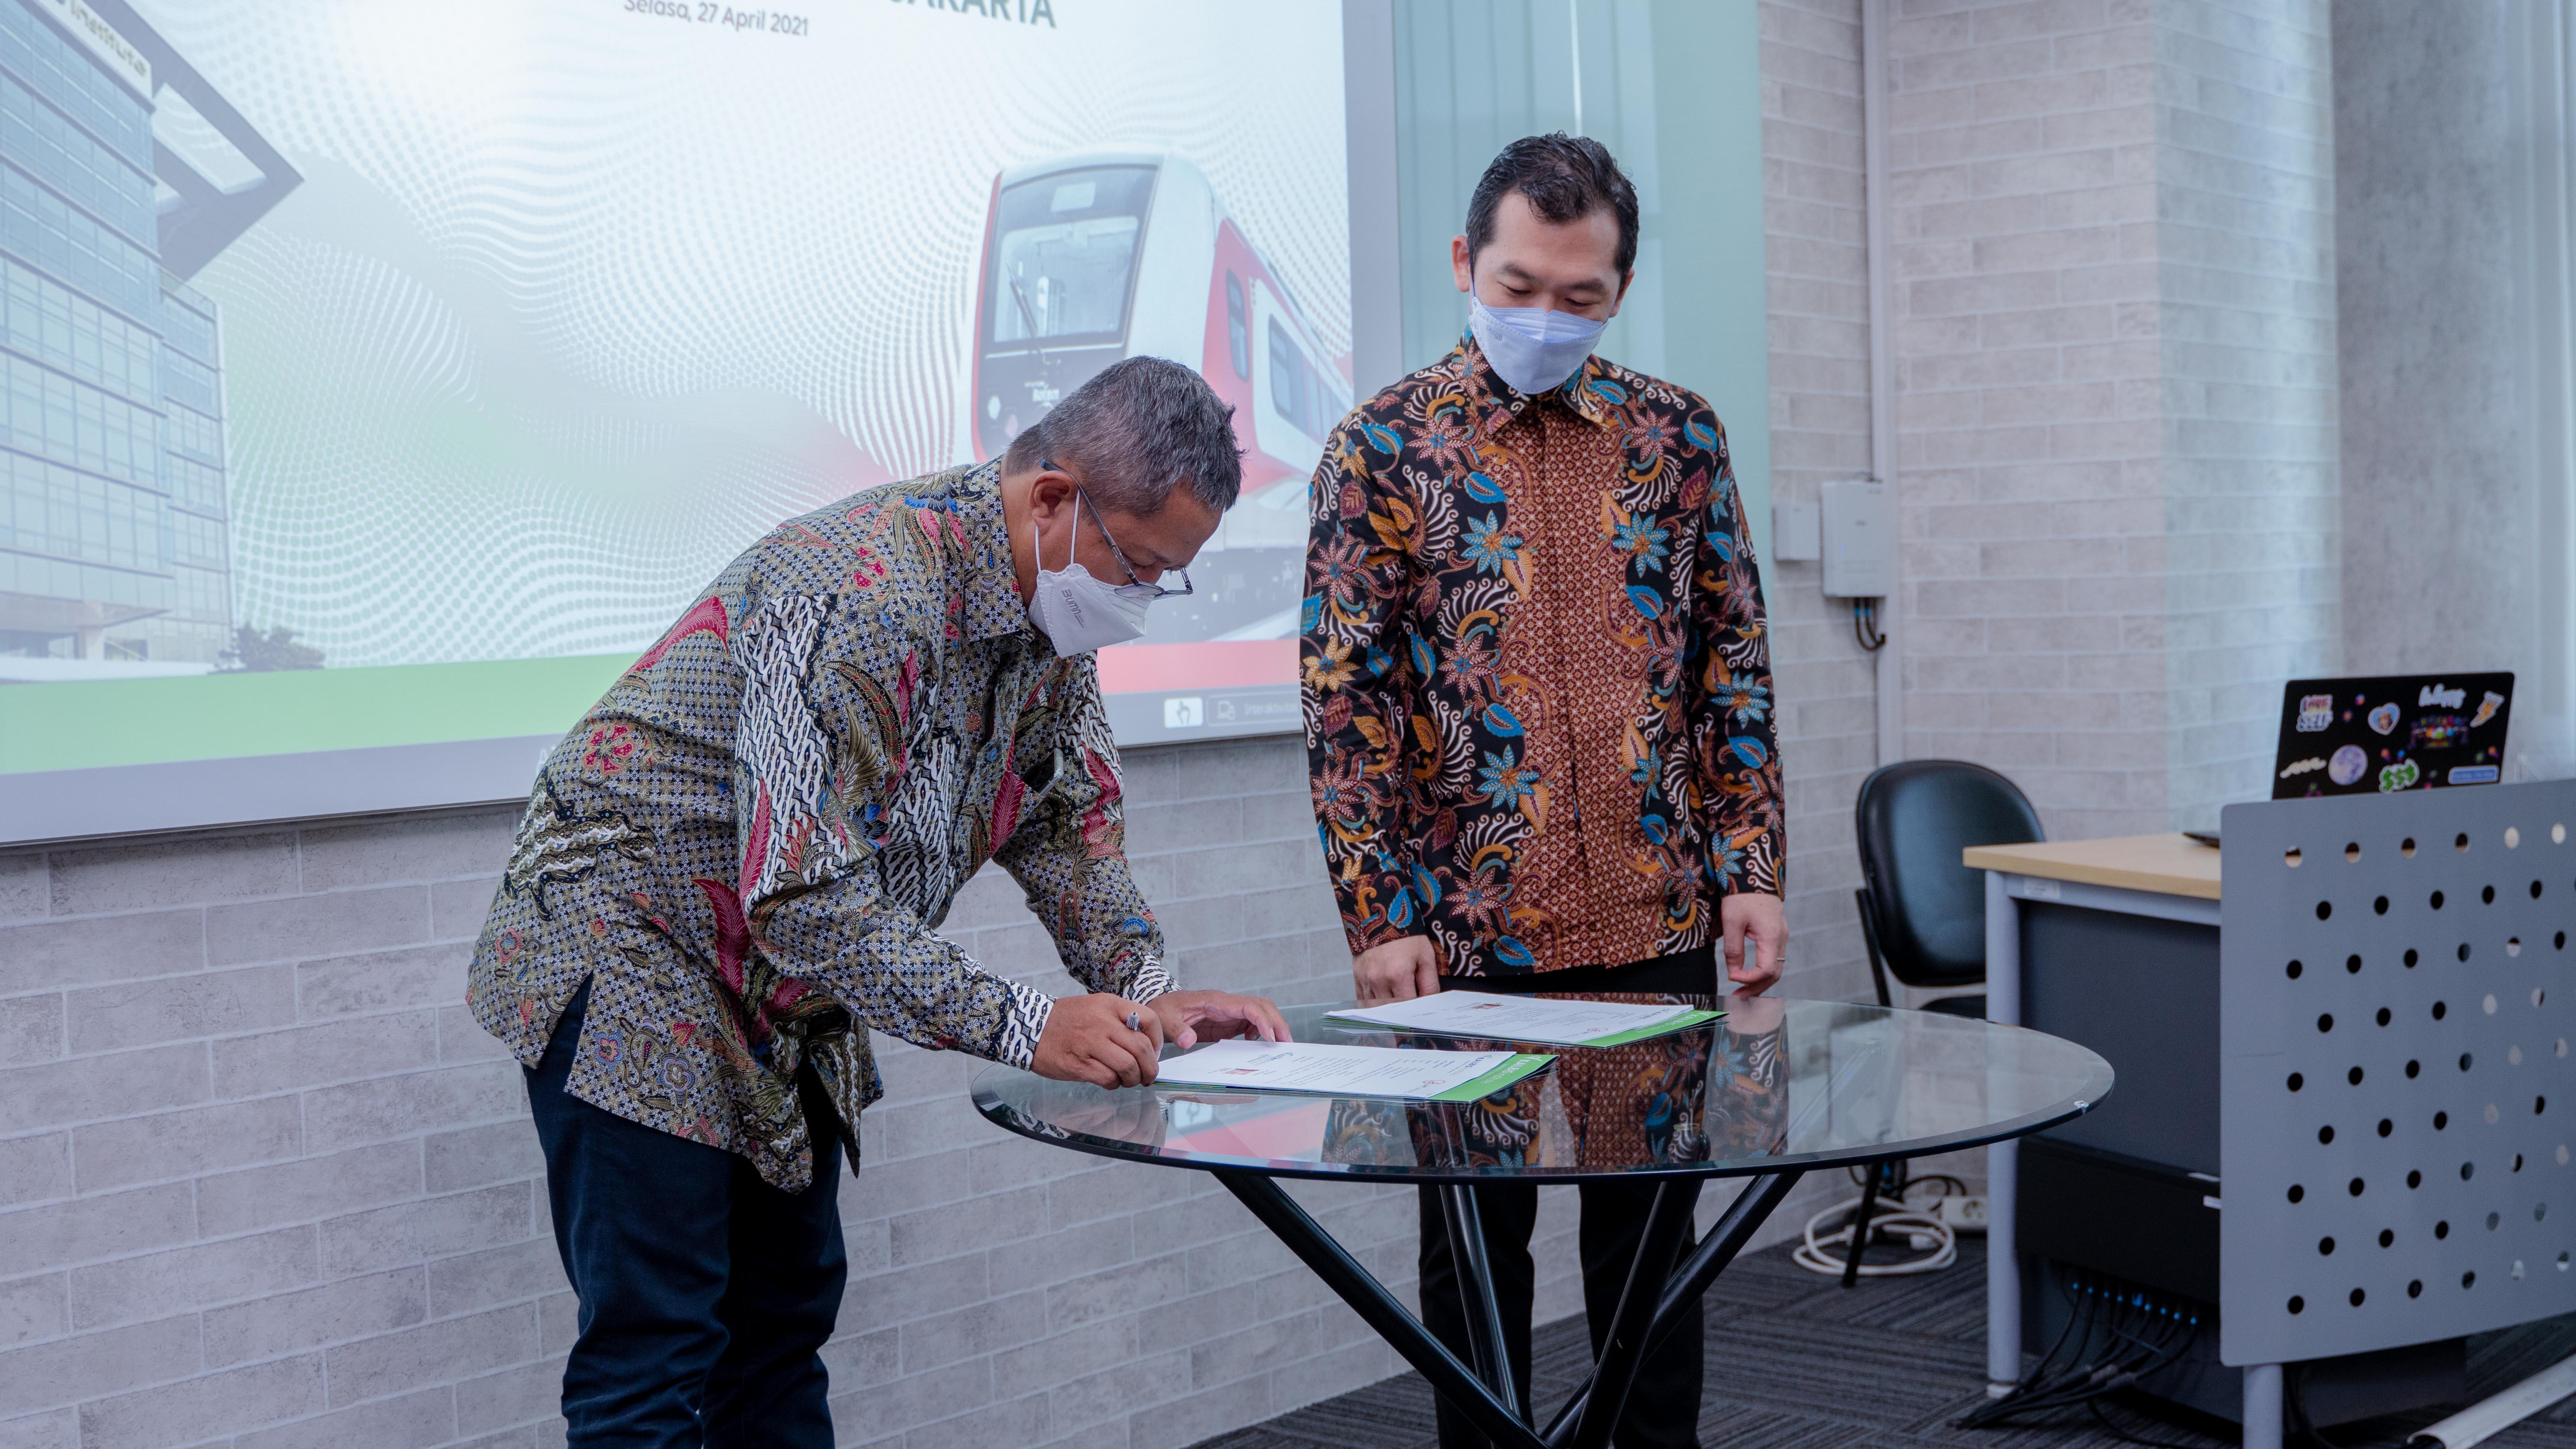 Perkuat Kampus Merdeka, Kalbis Institute Jalin Kerja Sama dengan LRT Jakarta